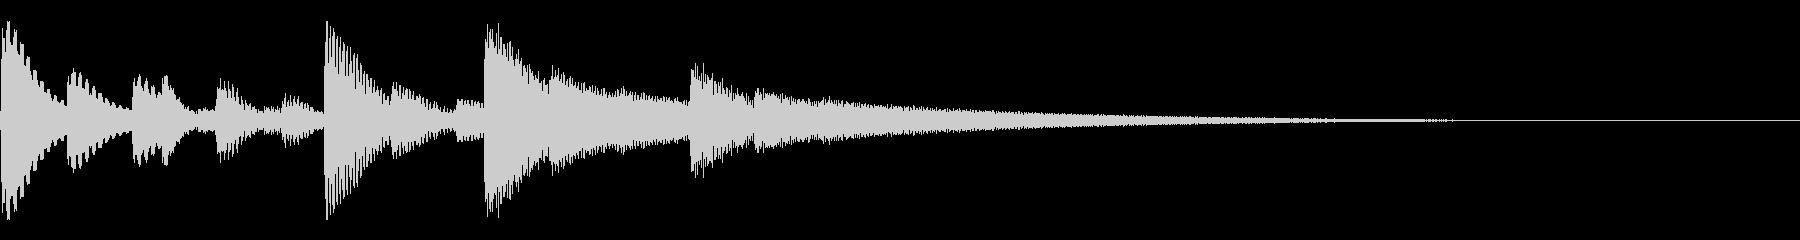 【ぴろりろりん】シンプル入手音の未再生の波形